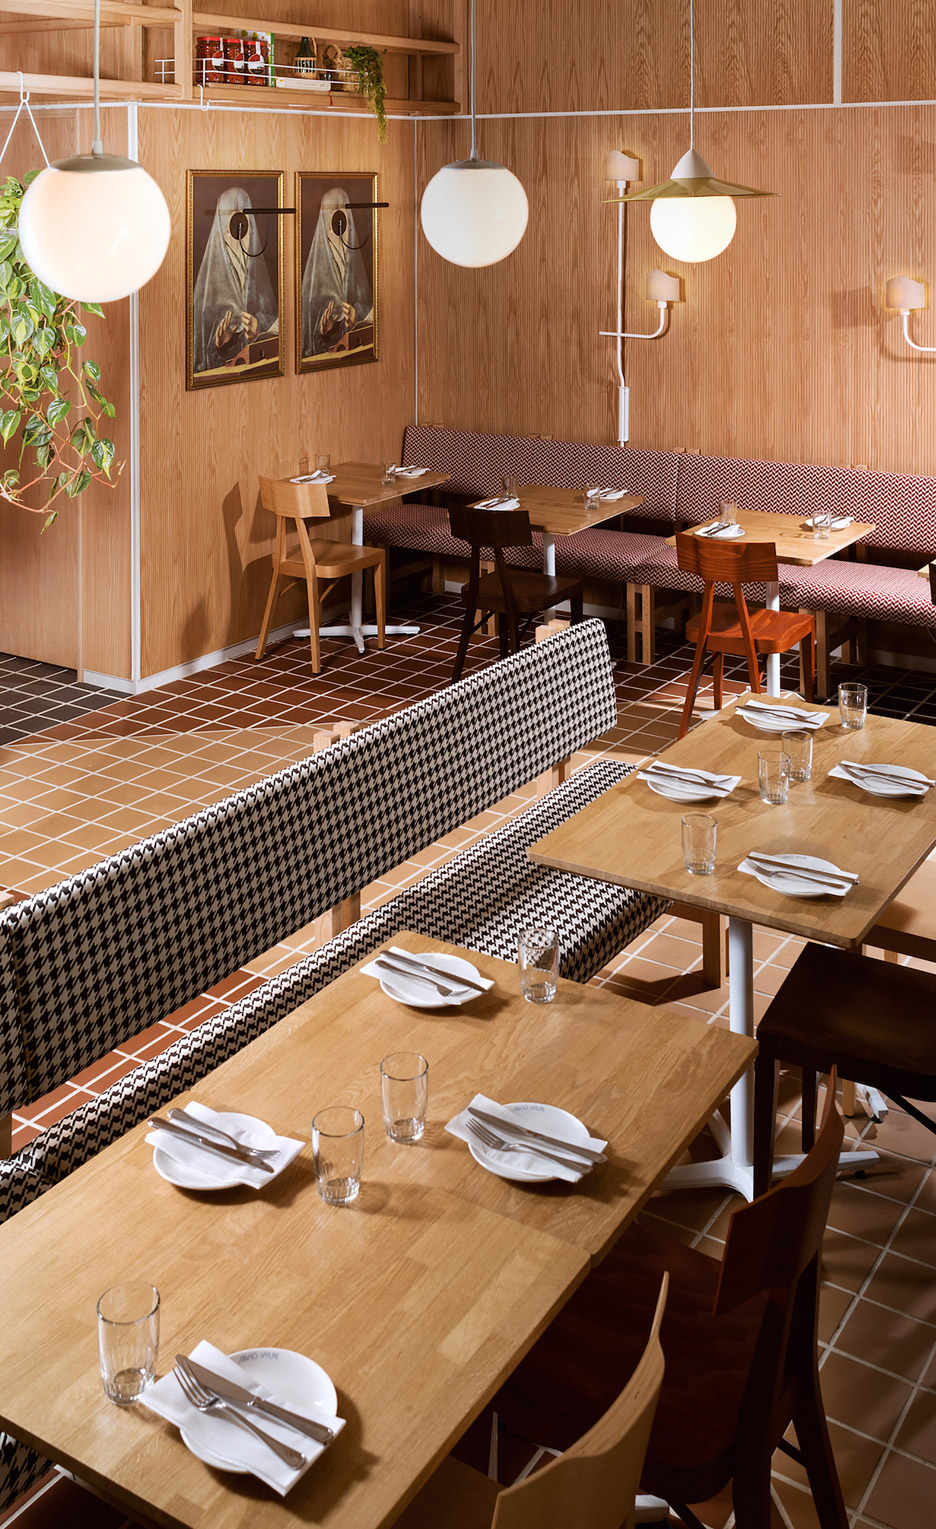 Osteria-Savio-Volpe-by-Ste-Marie_dezeen_936_0